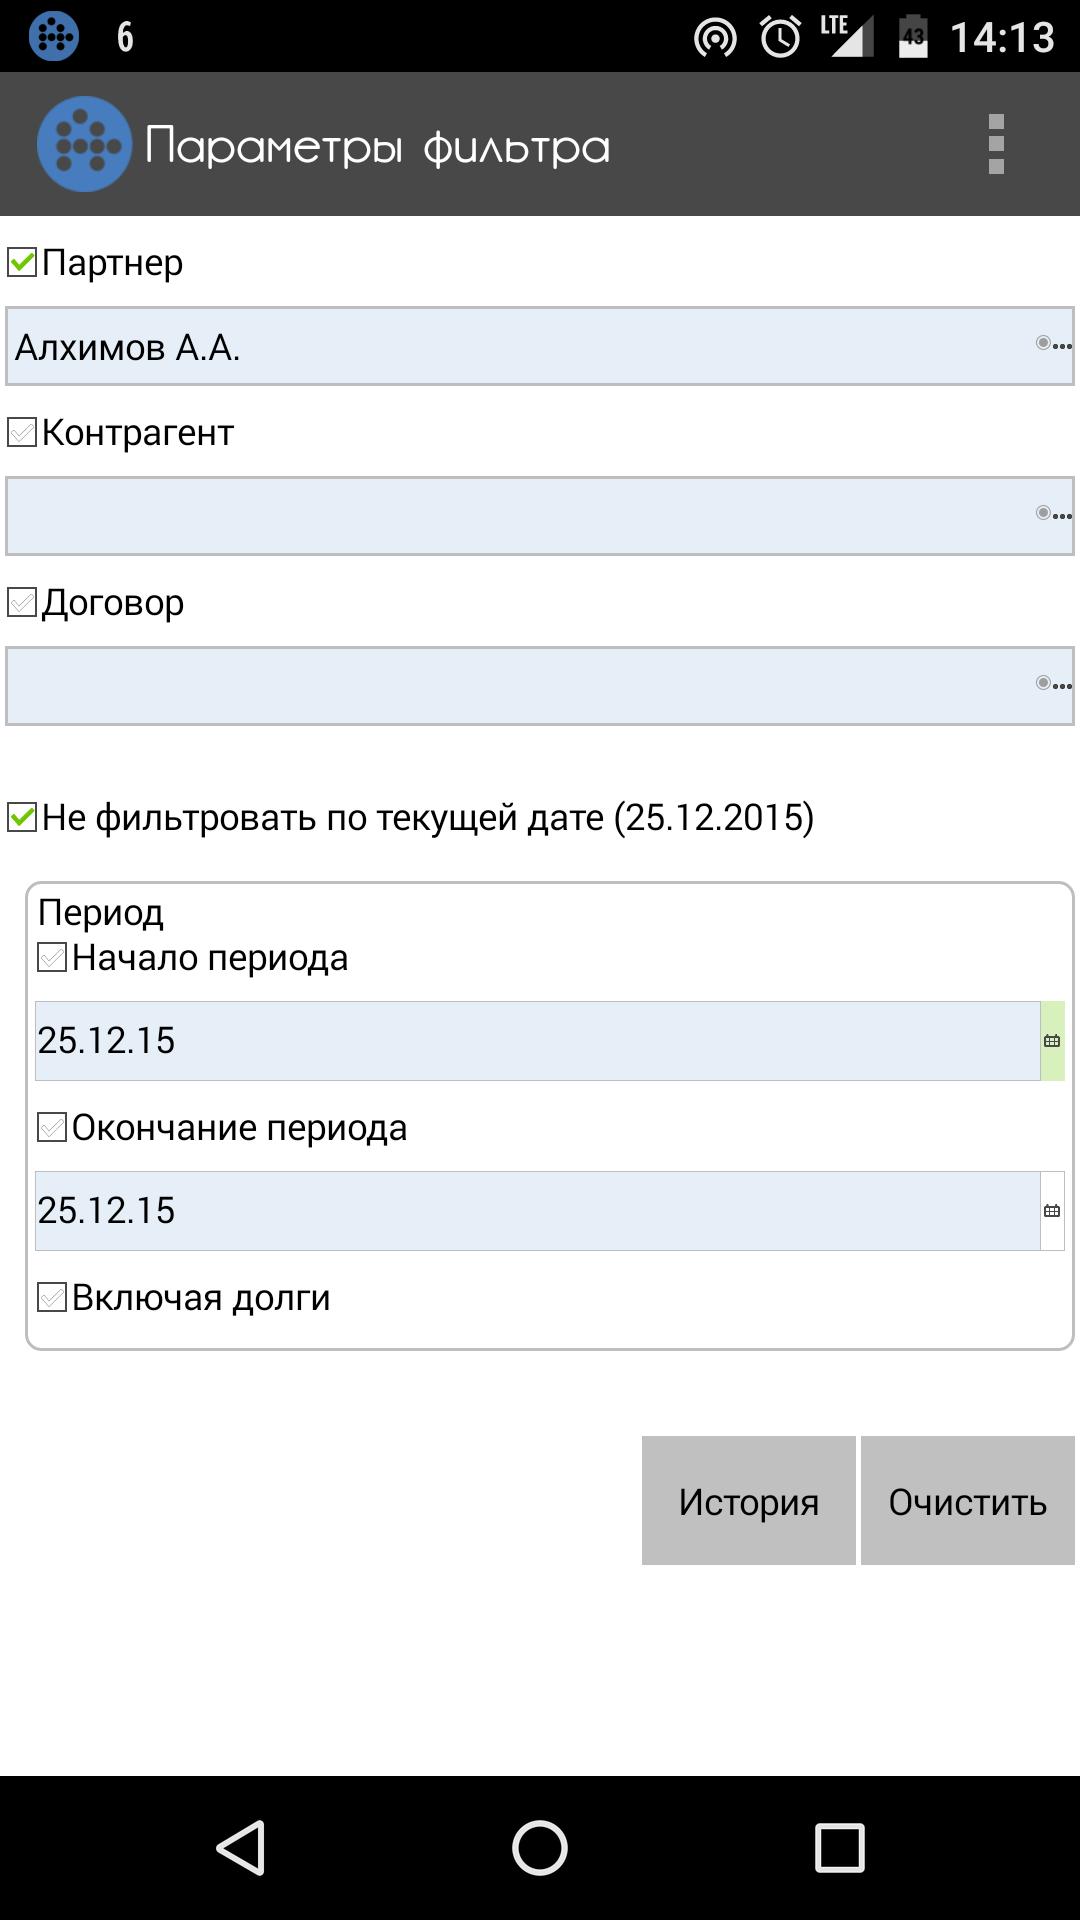 Фильтр журнала документов